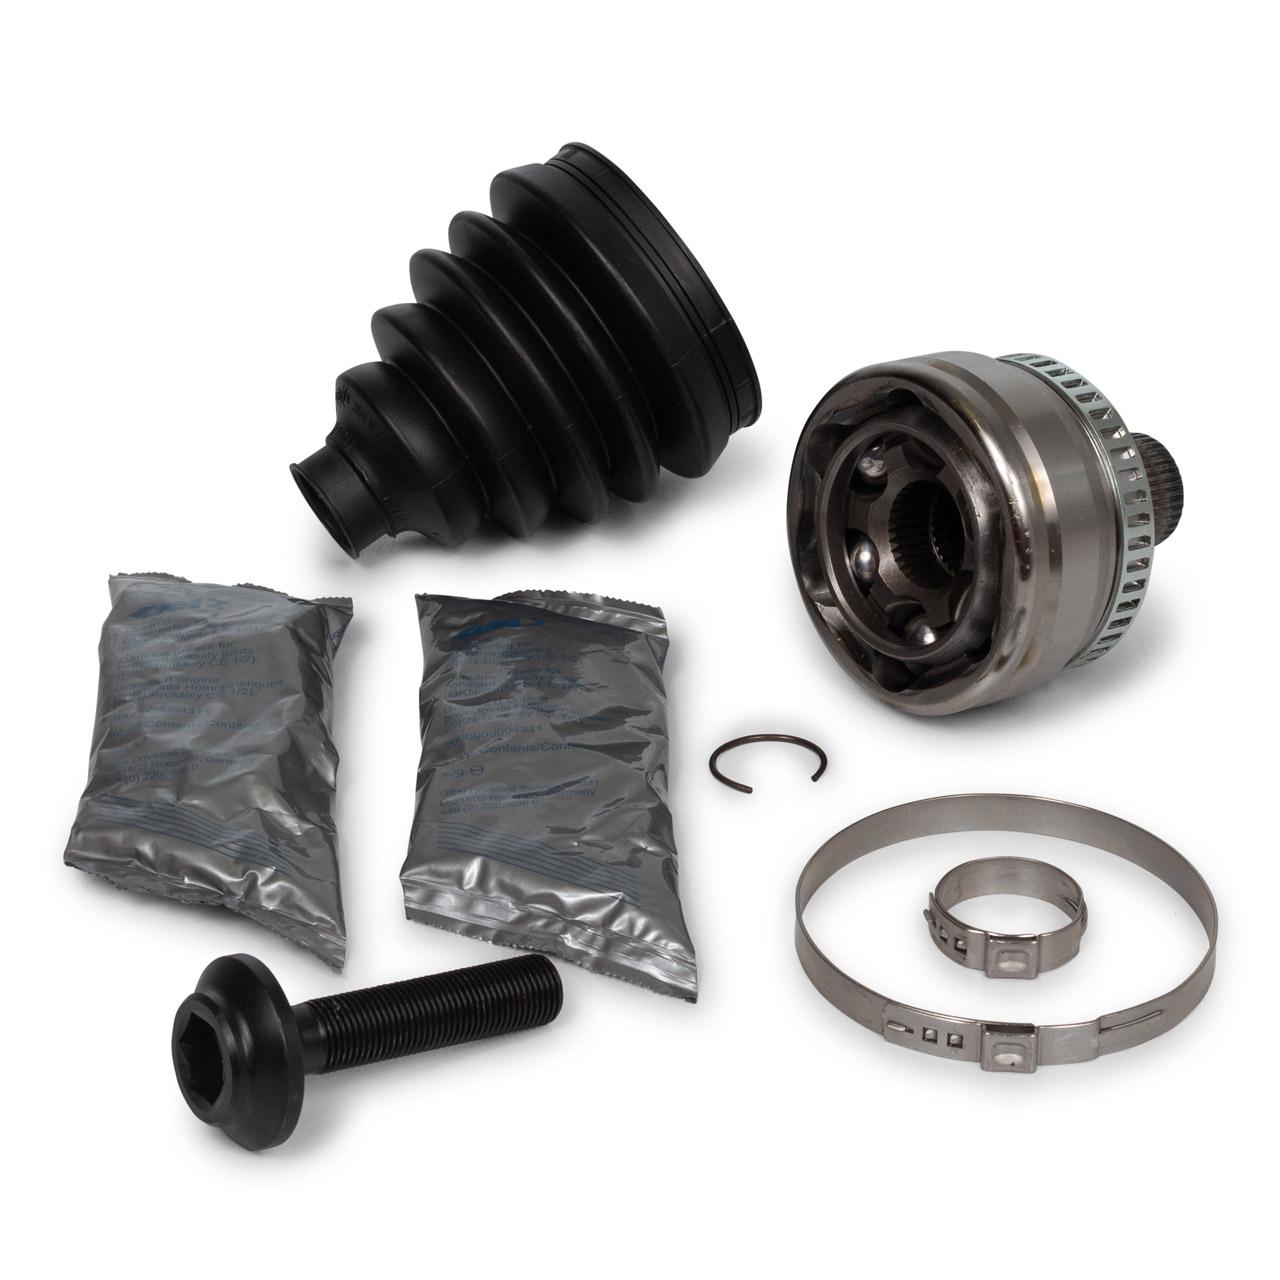 SPIDAN Antriebsgelenk Gelenksatz AUDI A4 B6 B7 A6 C5 1.6-2.0 SEAT Exeo 1.6 vorne radseitig